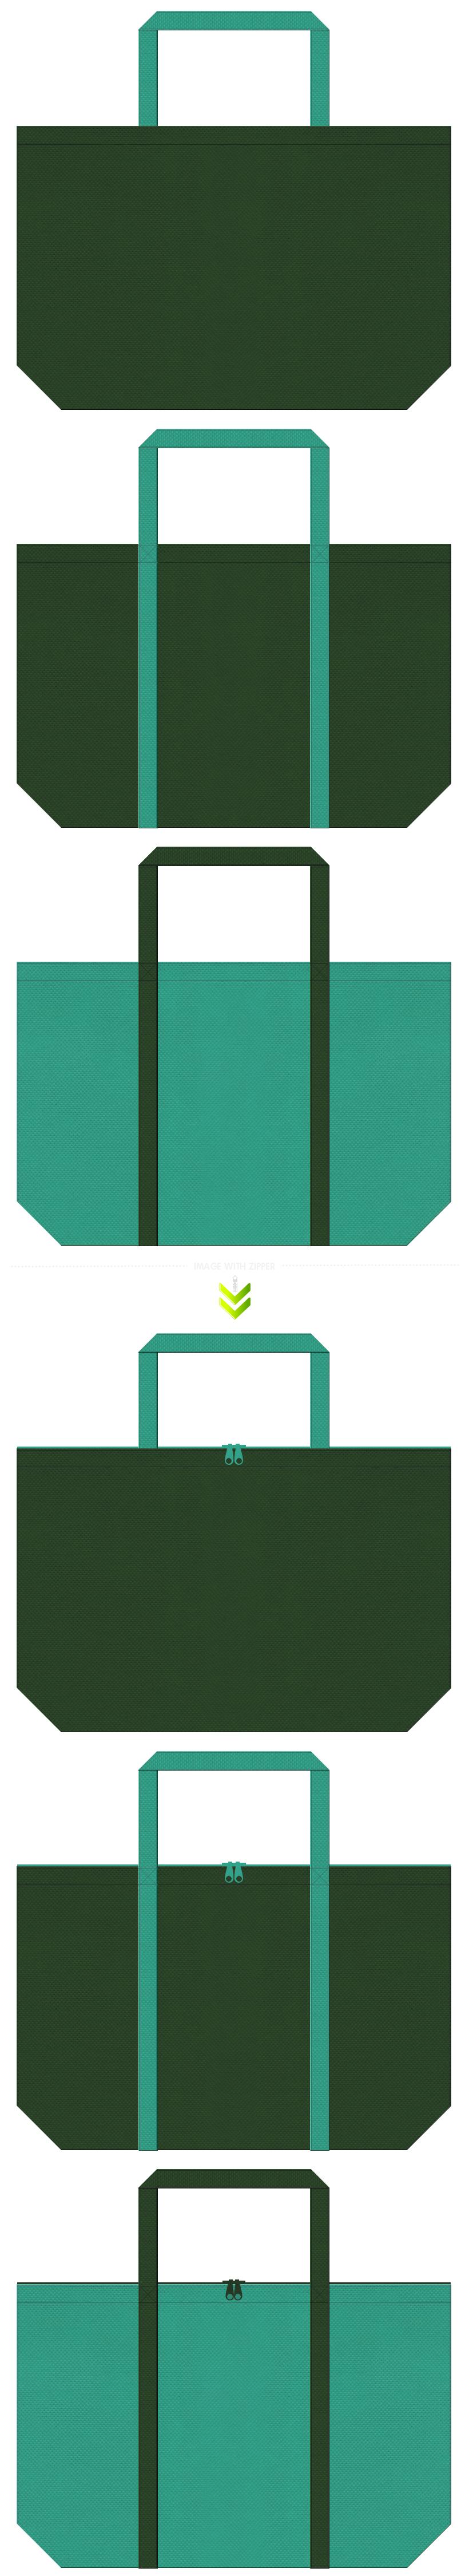 テーマパーク・緑化推進・壁面緑化・屋上緑化・環境セミナー・エコイベント・ボタニカル・観葉植物・植物園・盆栽・造園・園芸用品・登山・アウトドア・キャンプ・渓流・ルアー・釣具・緑茶・青汁・森林浴・避暑地・芳香剤・入浴剤・リフレッシュイメージのエコバッグにお奨めの不織布バッグデザイン:濃緑色・深緑色と青緑色のコーデ